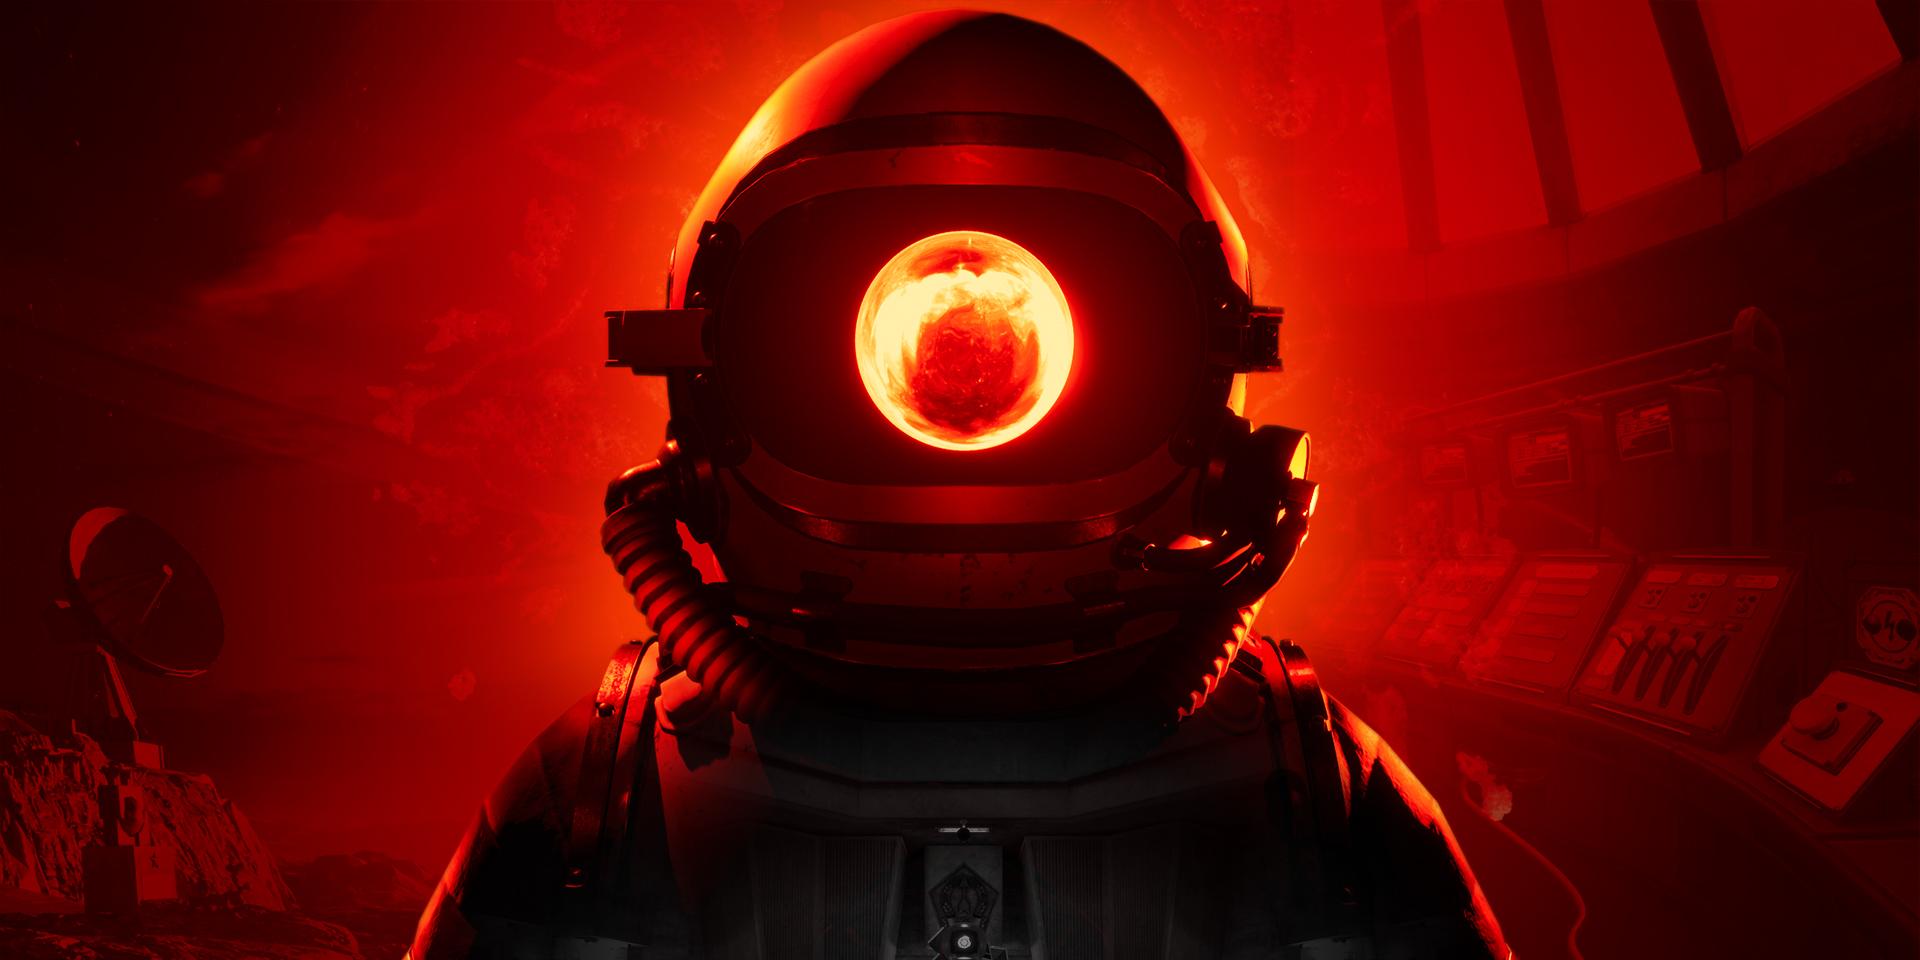 冷戦が未来で再び勃発!Vertical Robot 制作の VR ゲーム『Red Matter』